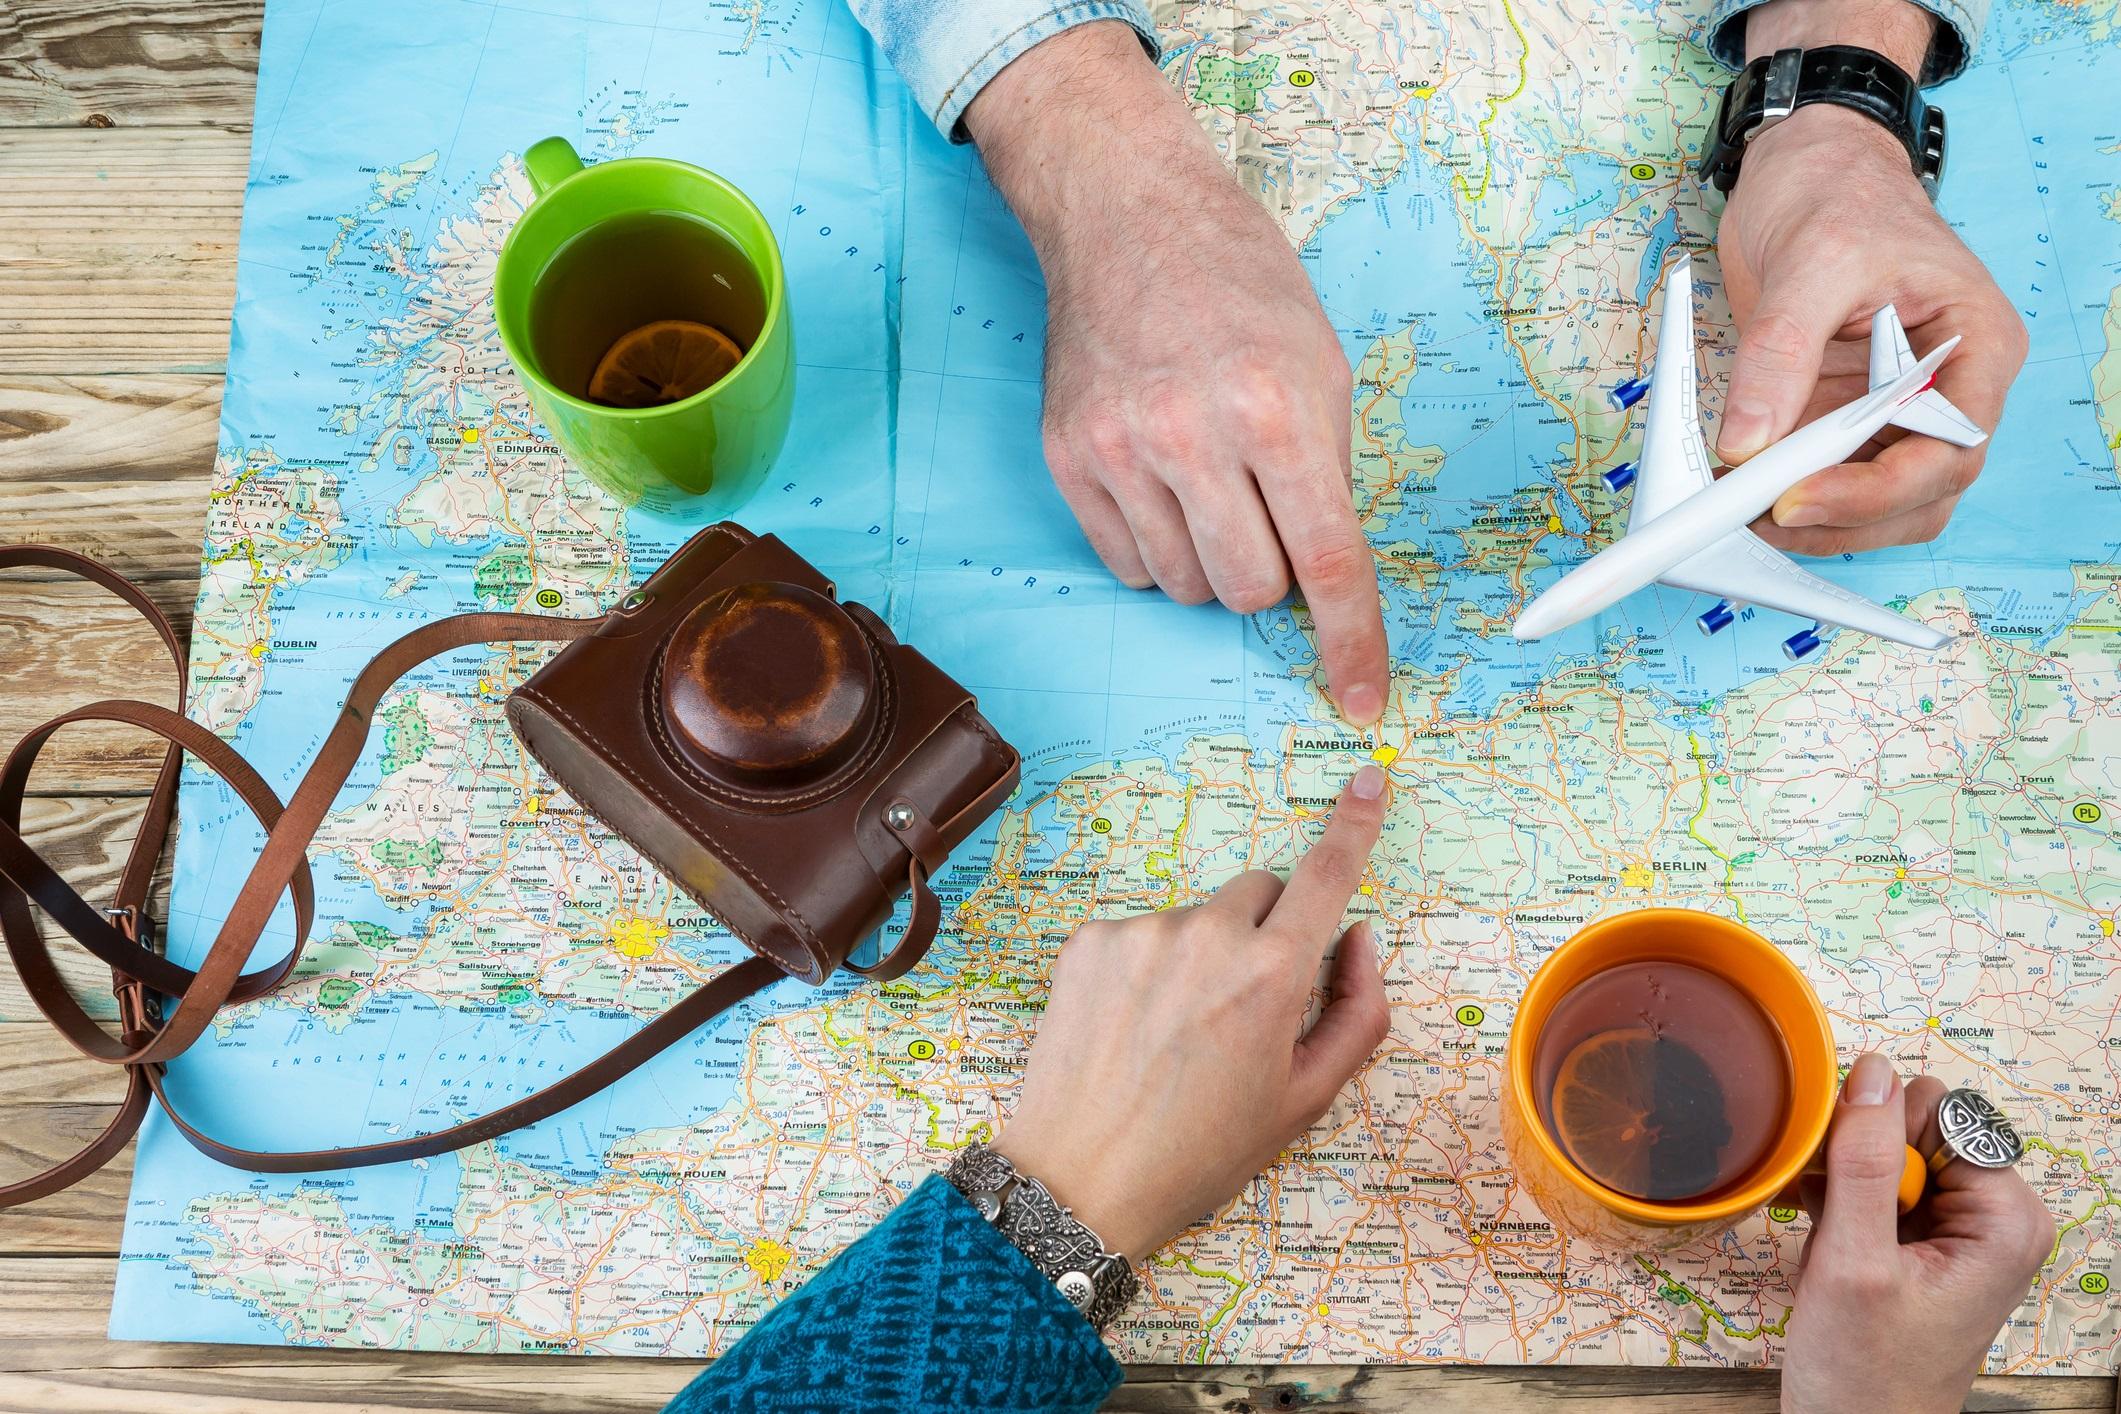 Изберете дестинация, която и двамата обичате<br /> <br /> Да решите къде ще пътувате е също толкова важно, колкото и самото решение да пътувате заедно. Ако дестинацията не се харесва и на двама ви, нещата могат сериозно да се объркат. Ако не харесвате слънцето, не се съгласявайте с ваканция на плажа. Само защото сте с нов партньор, не означава, че изведнъж ще заобичате пясъка и сърфа. Ако не сте сигурни как да изберете дестинацията, помислете за нещата, които бихте искали да правите заедно. Нов град може да ви предложи културни събития и проучване на нови местенца, а природата – повече разходки или мързеливо отпускане.